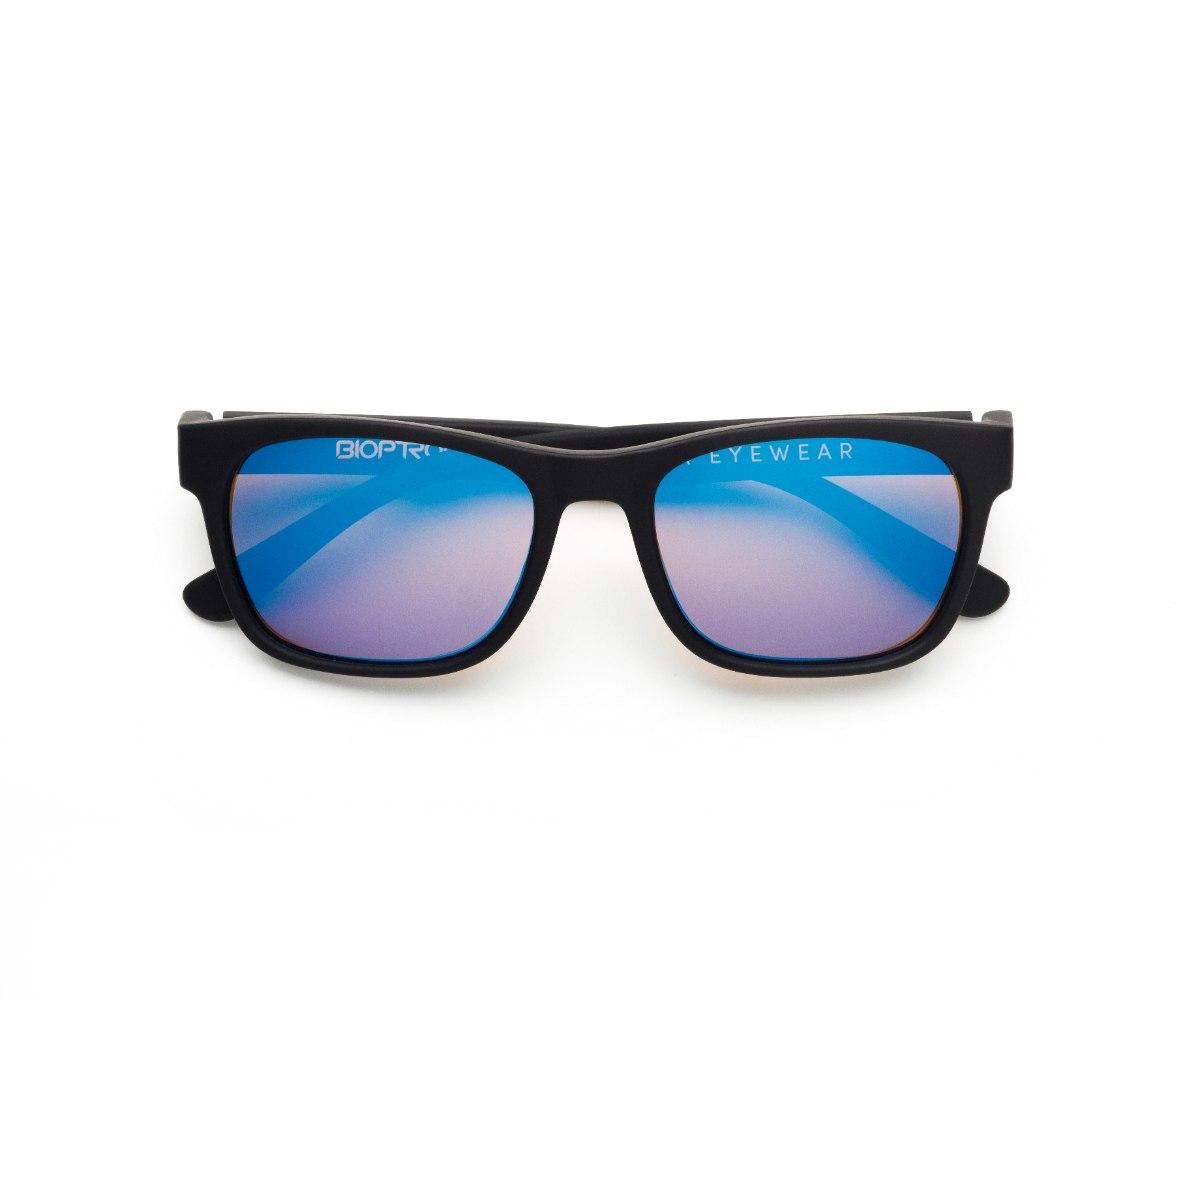 משקפי היפרלייט (נגד קרינה) לילדים, דגם THE-0402BK MRBK מסגרת שחורה